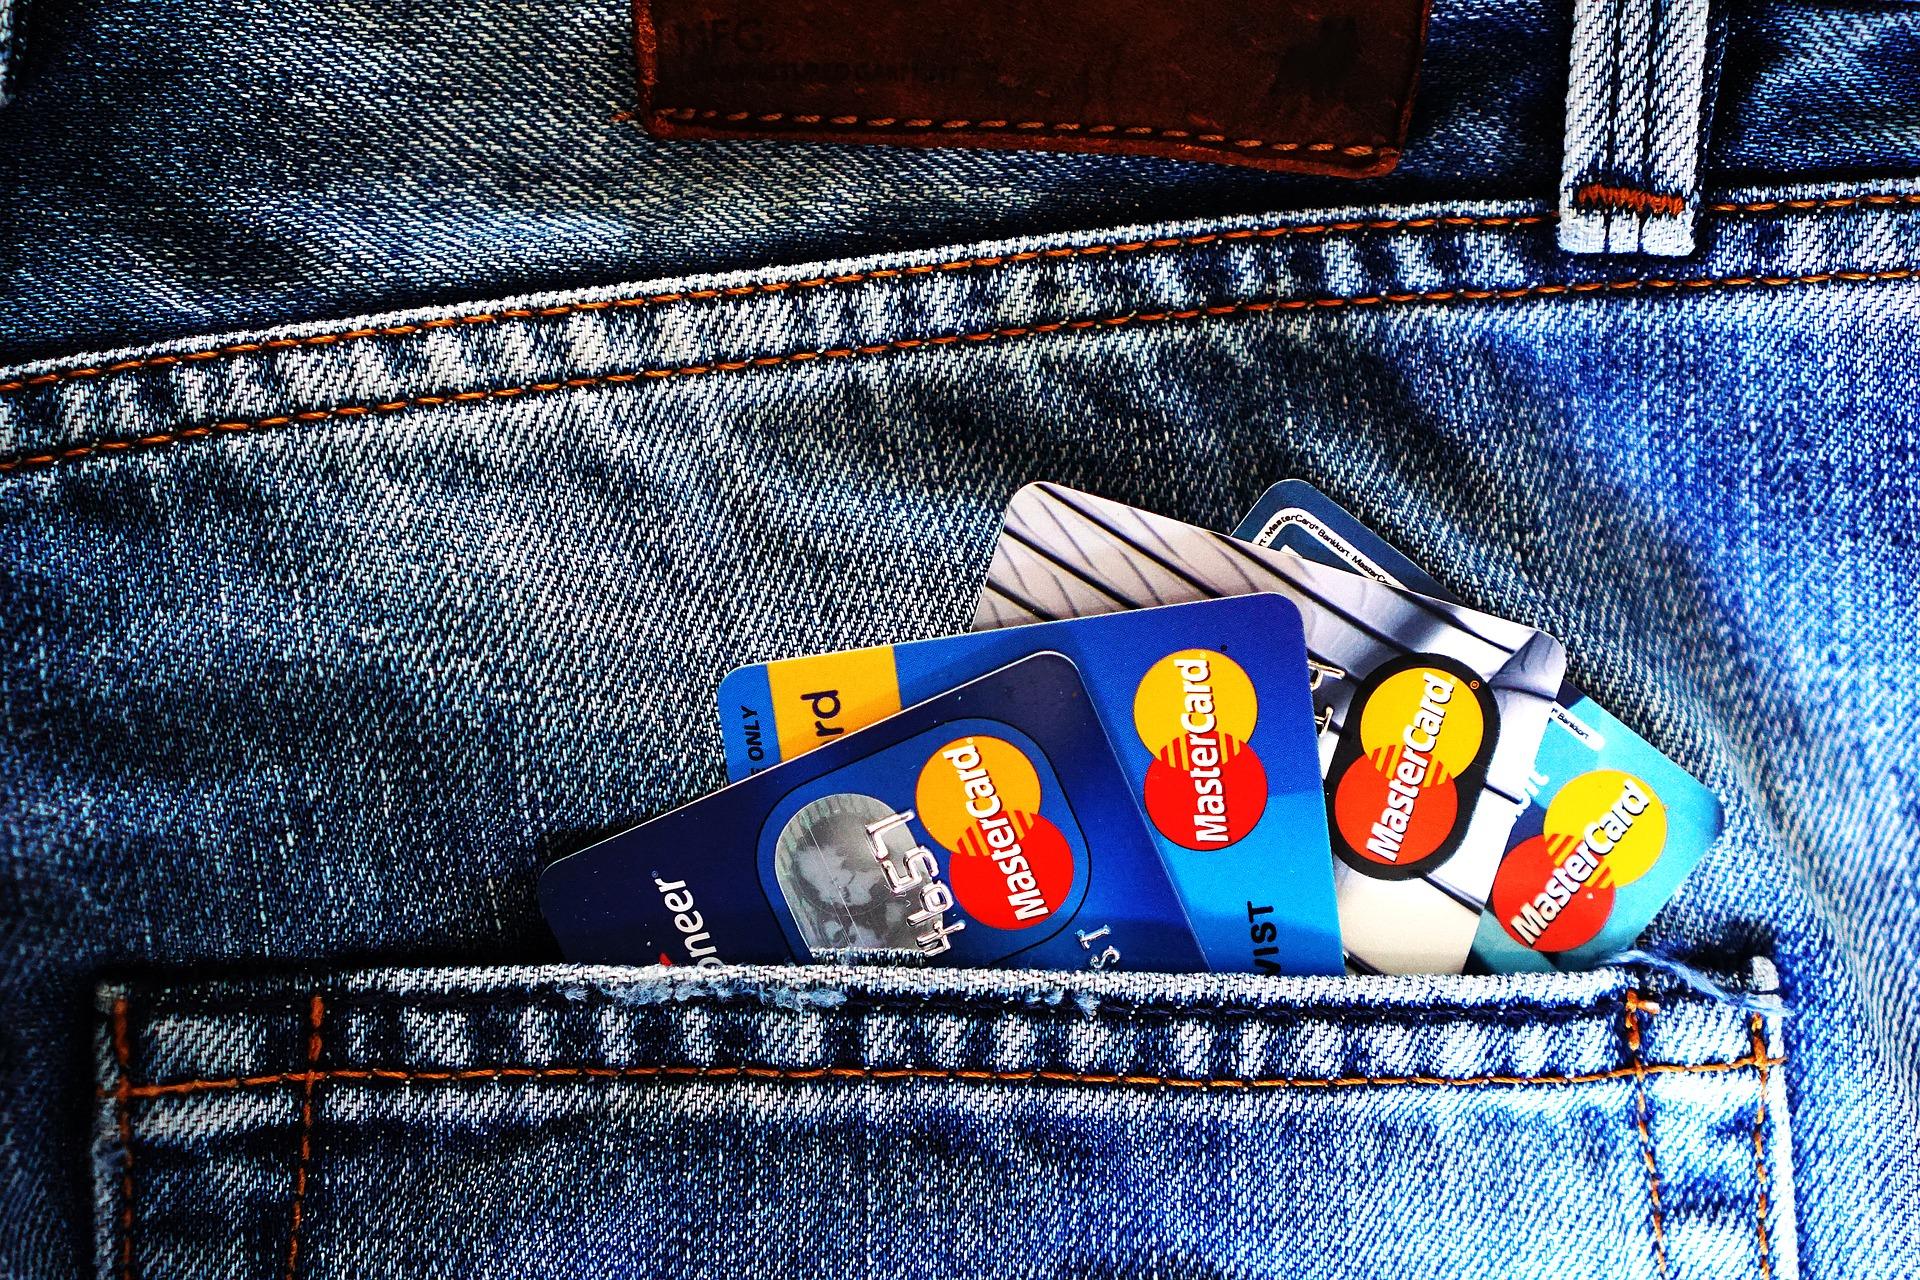 Politie pakt verdachten op voor contactloos zakkenrollen